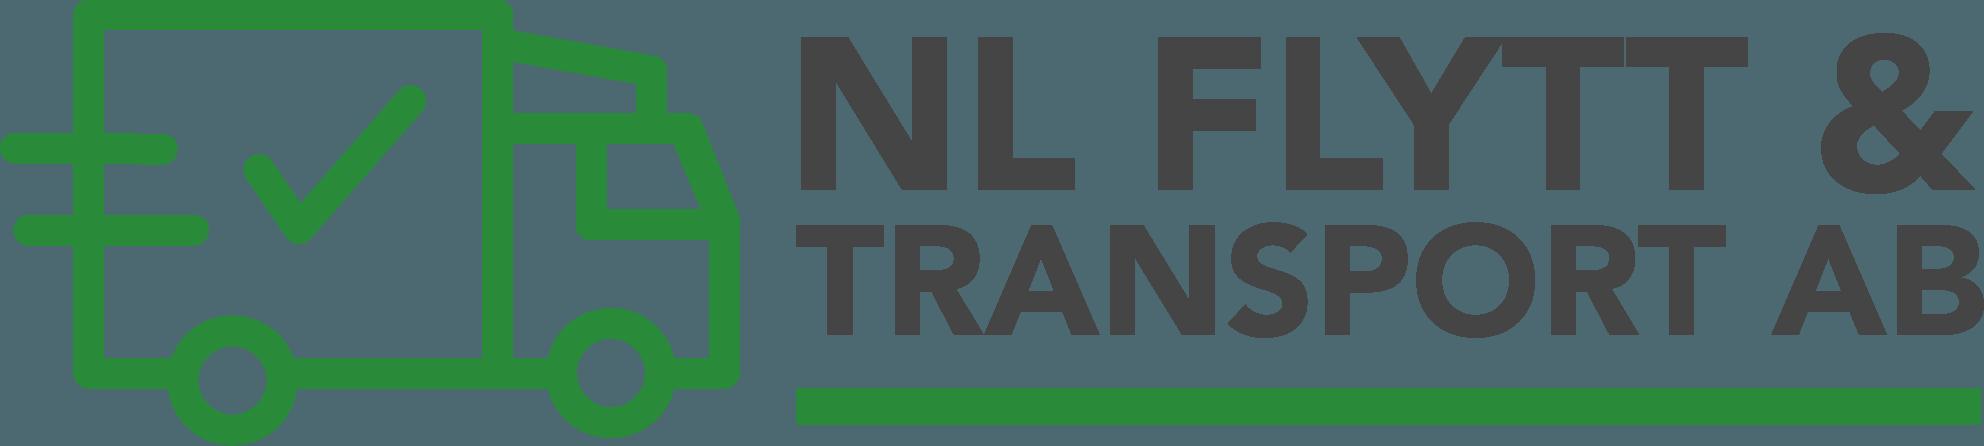 NL Flytt & Transport AB